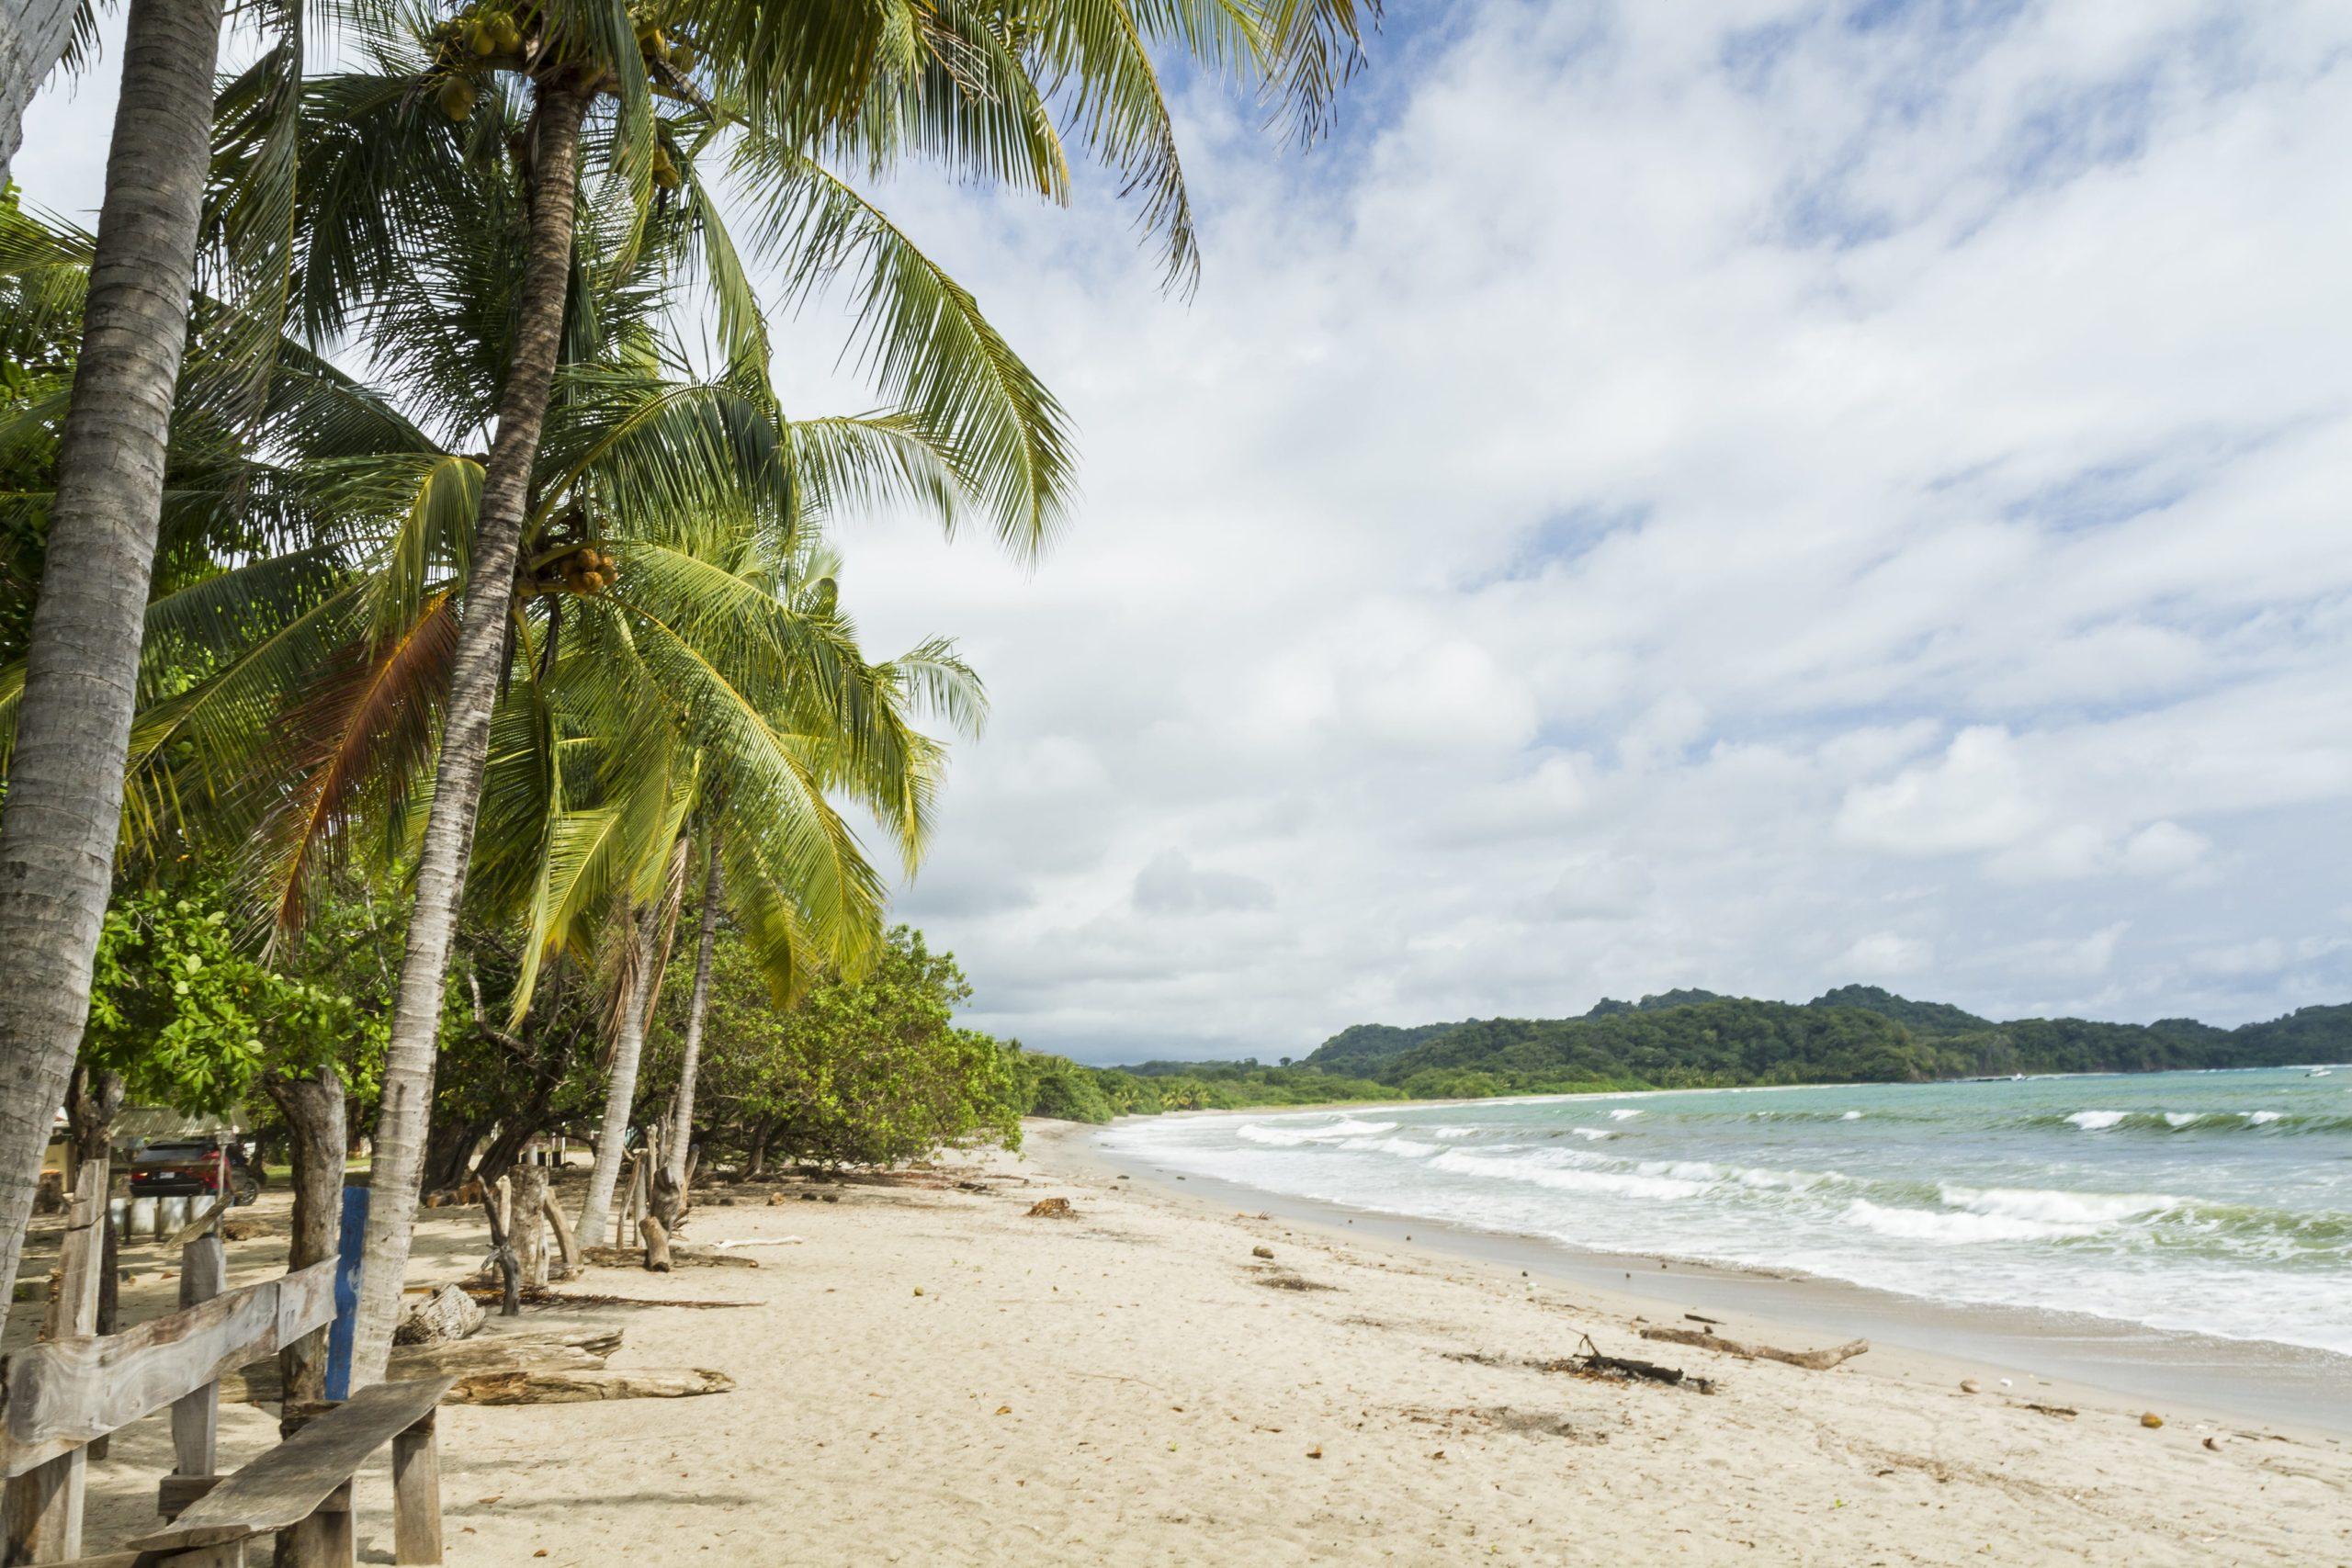 Playa Garza surf spot in Nosara Costa Rica